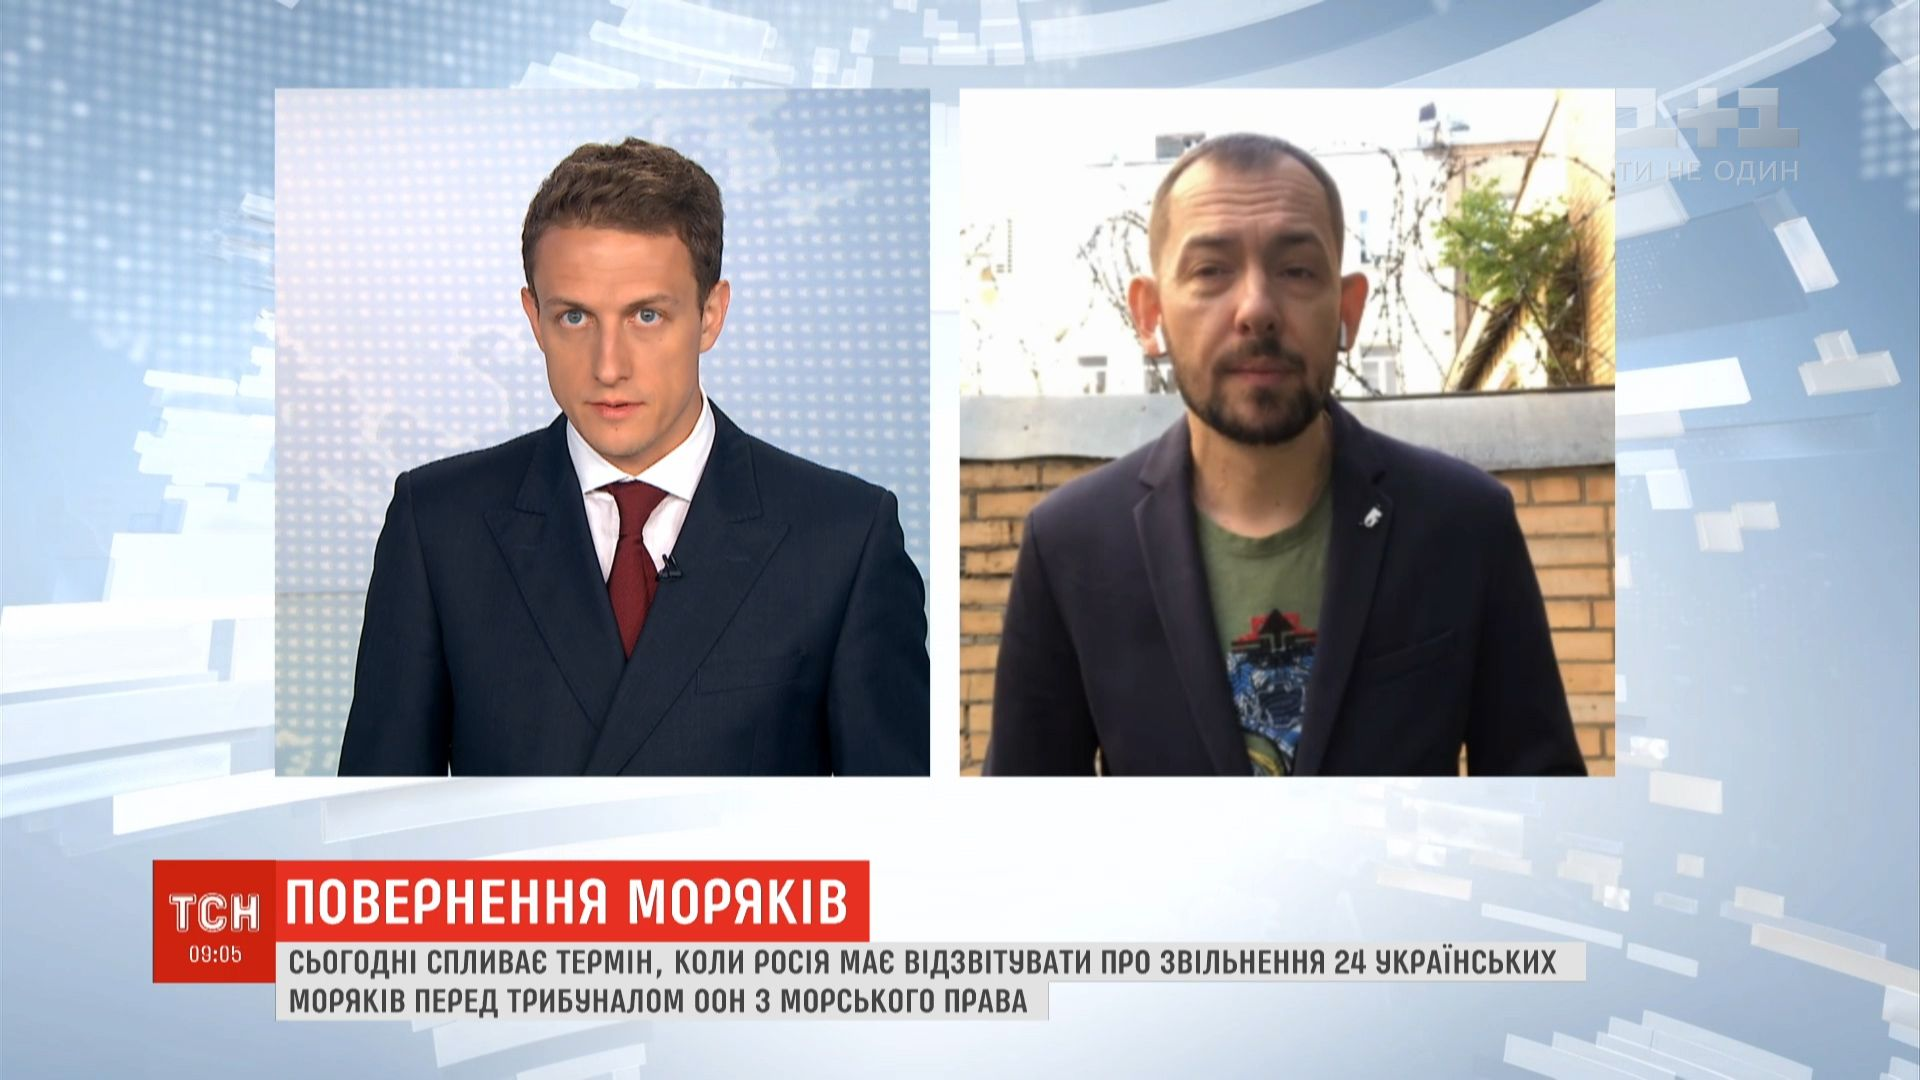 25 ноября 2018 года оккупанты захватили в плен 24 украинских военнослужащих / скриншот